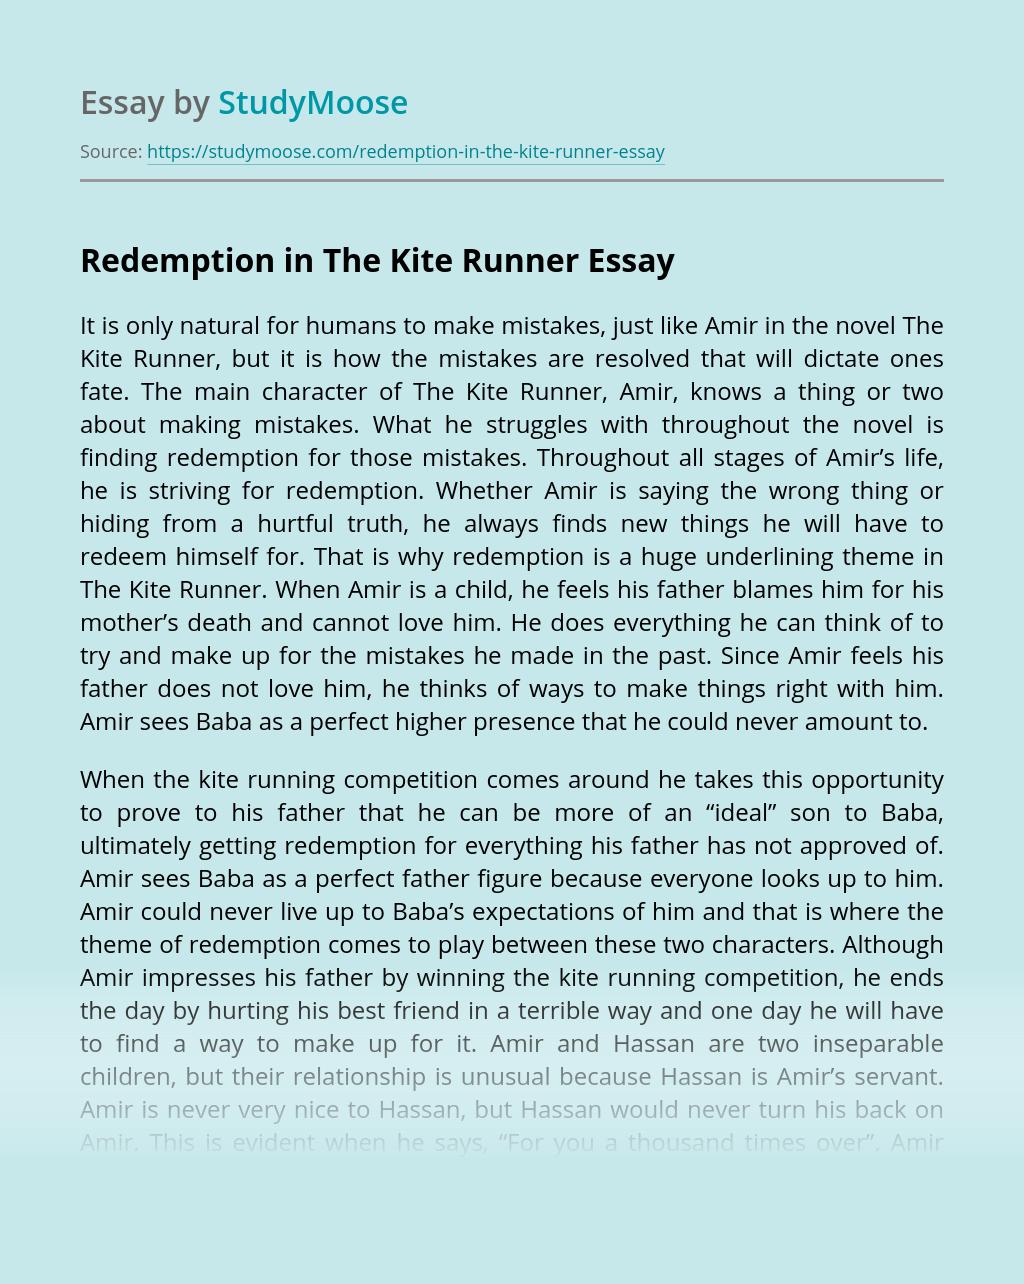 Redemption in The Kite Runner